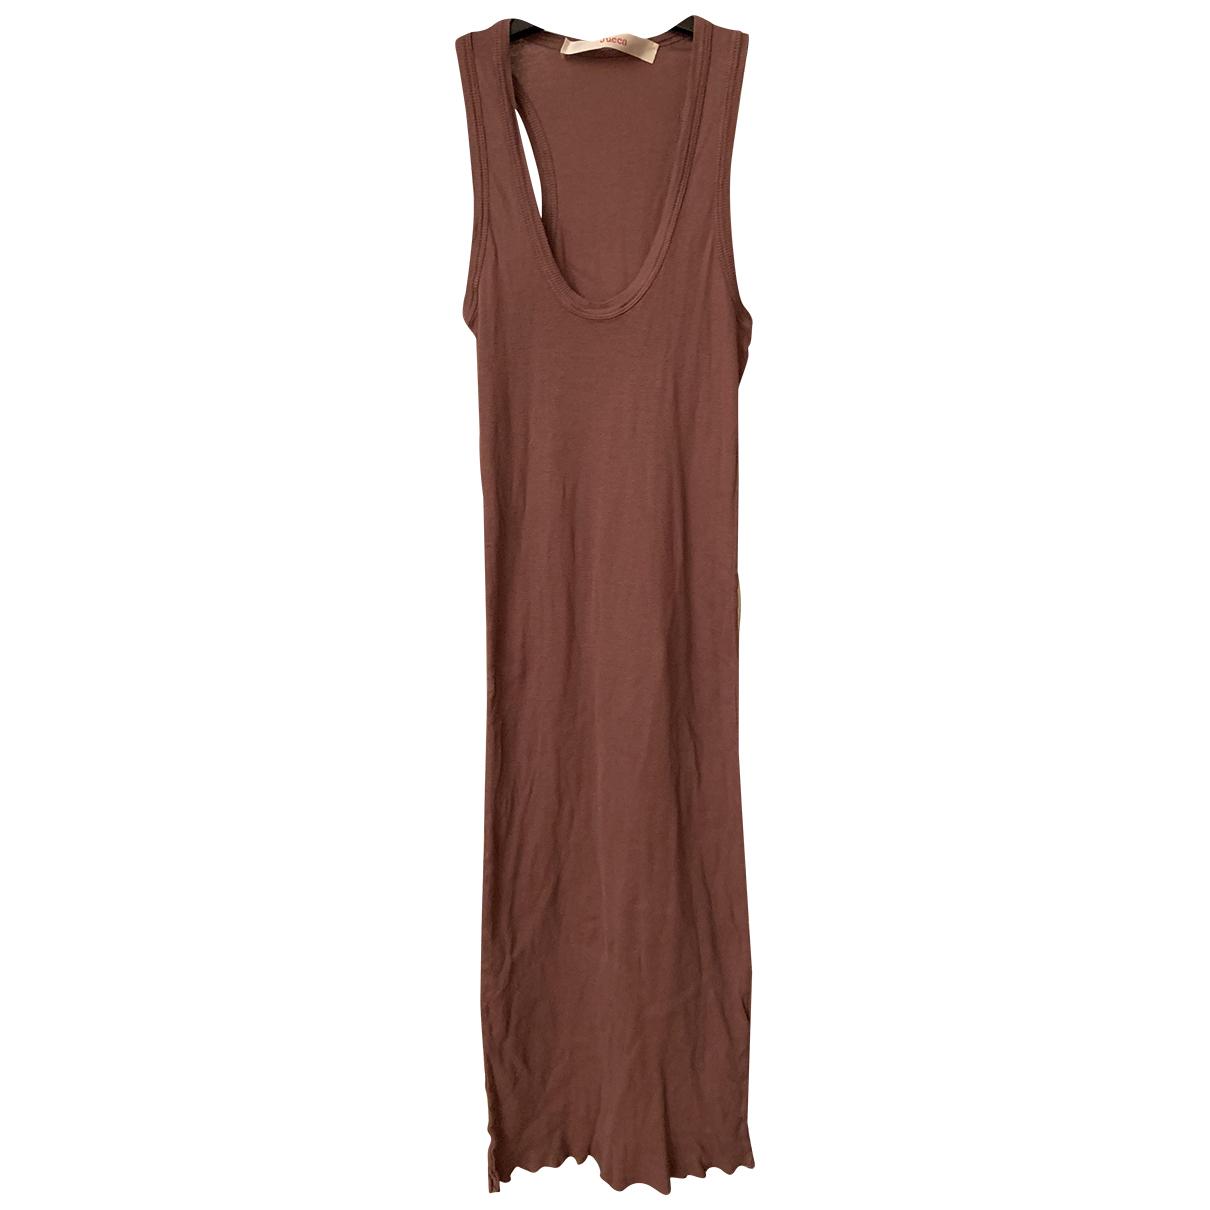 Jucca \N Kleid in  Braun Baumwolle - Elasthan